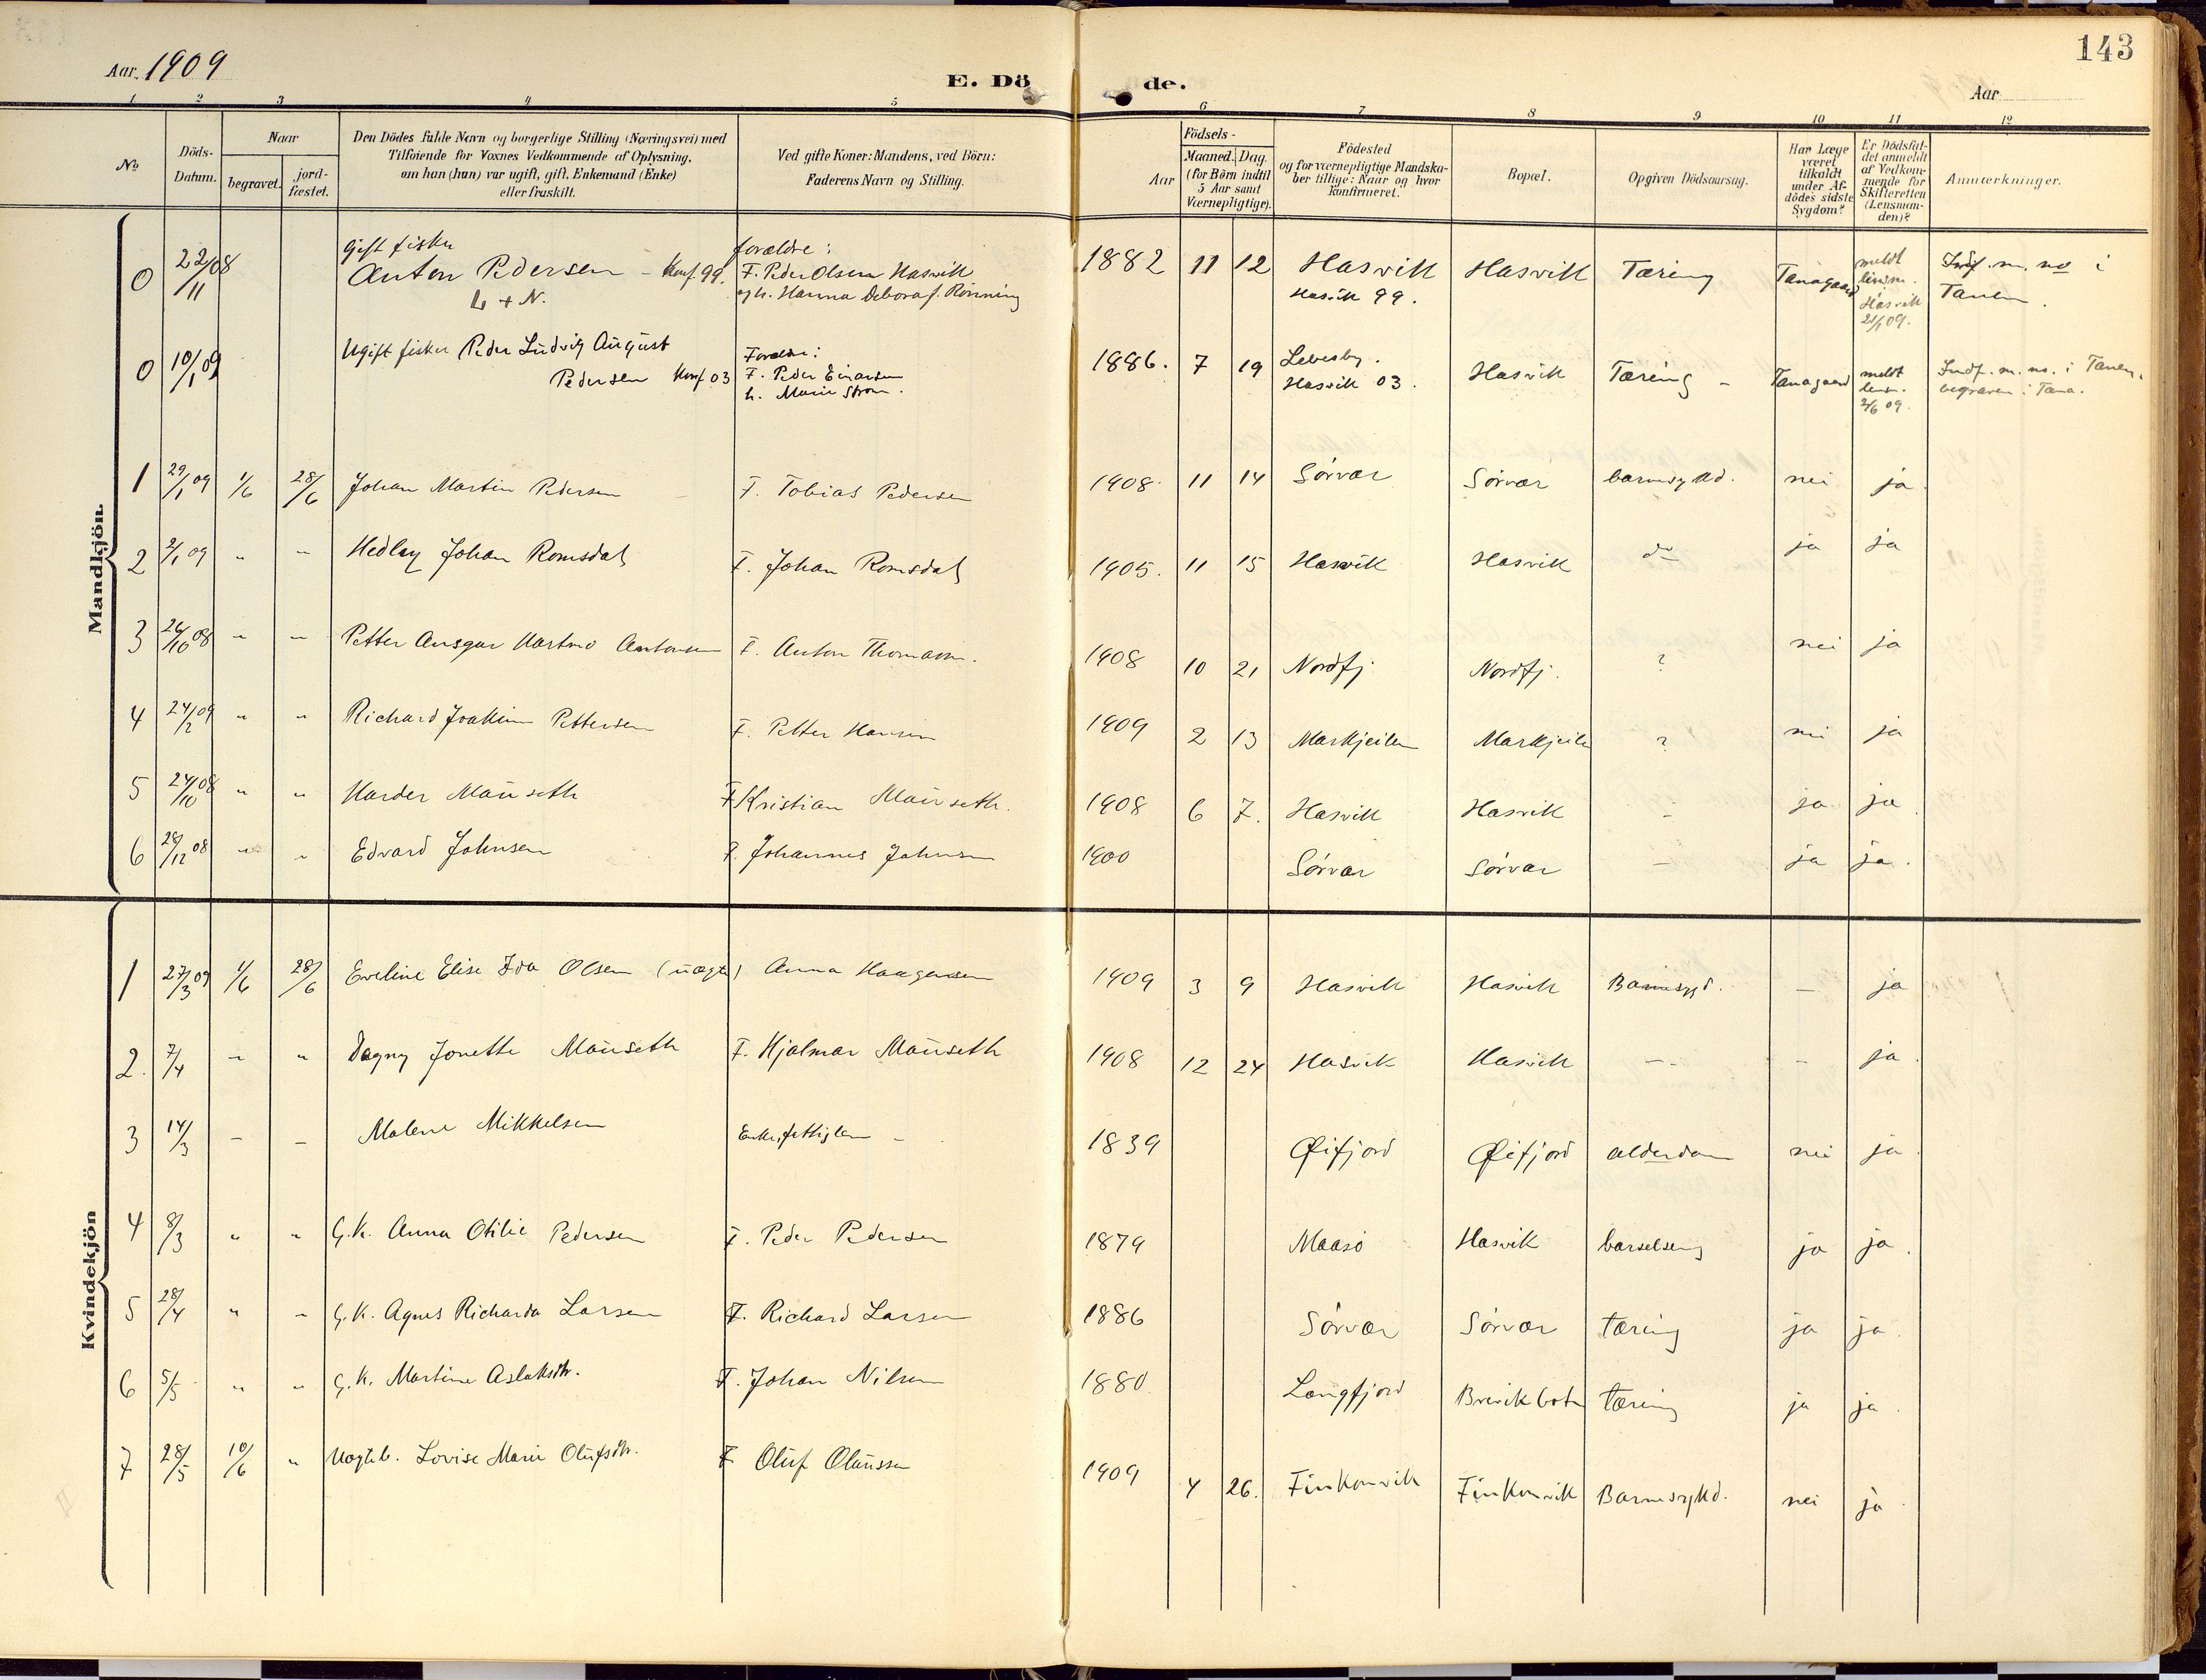 SATØ, Loppa sokneprestkontor, H/Ha/L0010kirke: Ministerialbok nr. 10, 1907-1922, s. 143